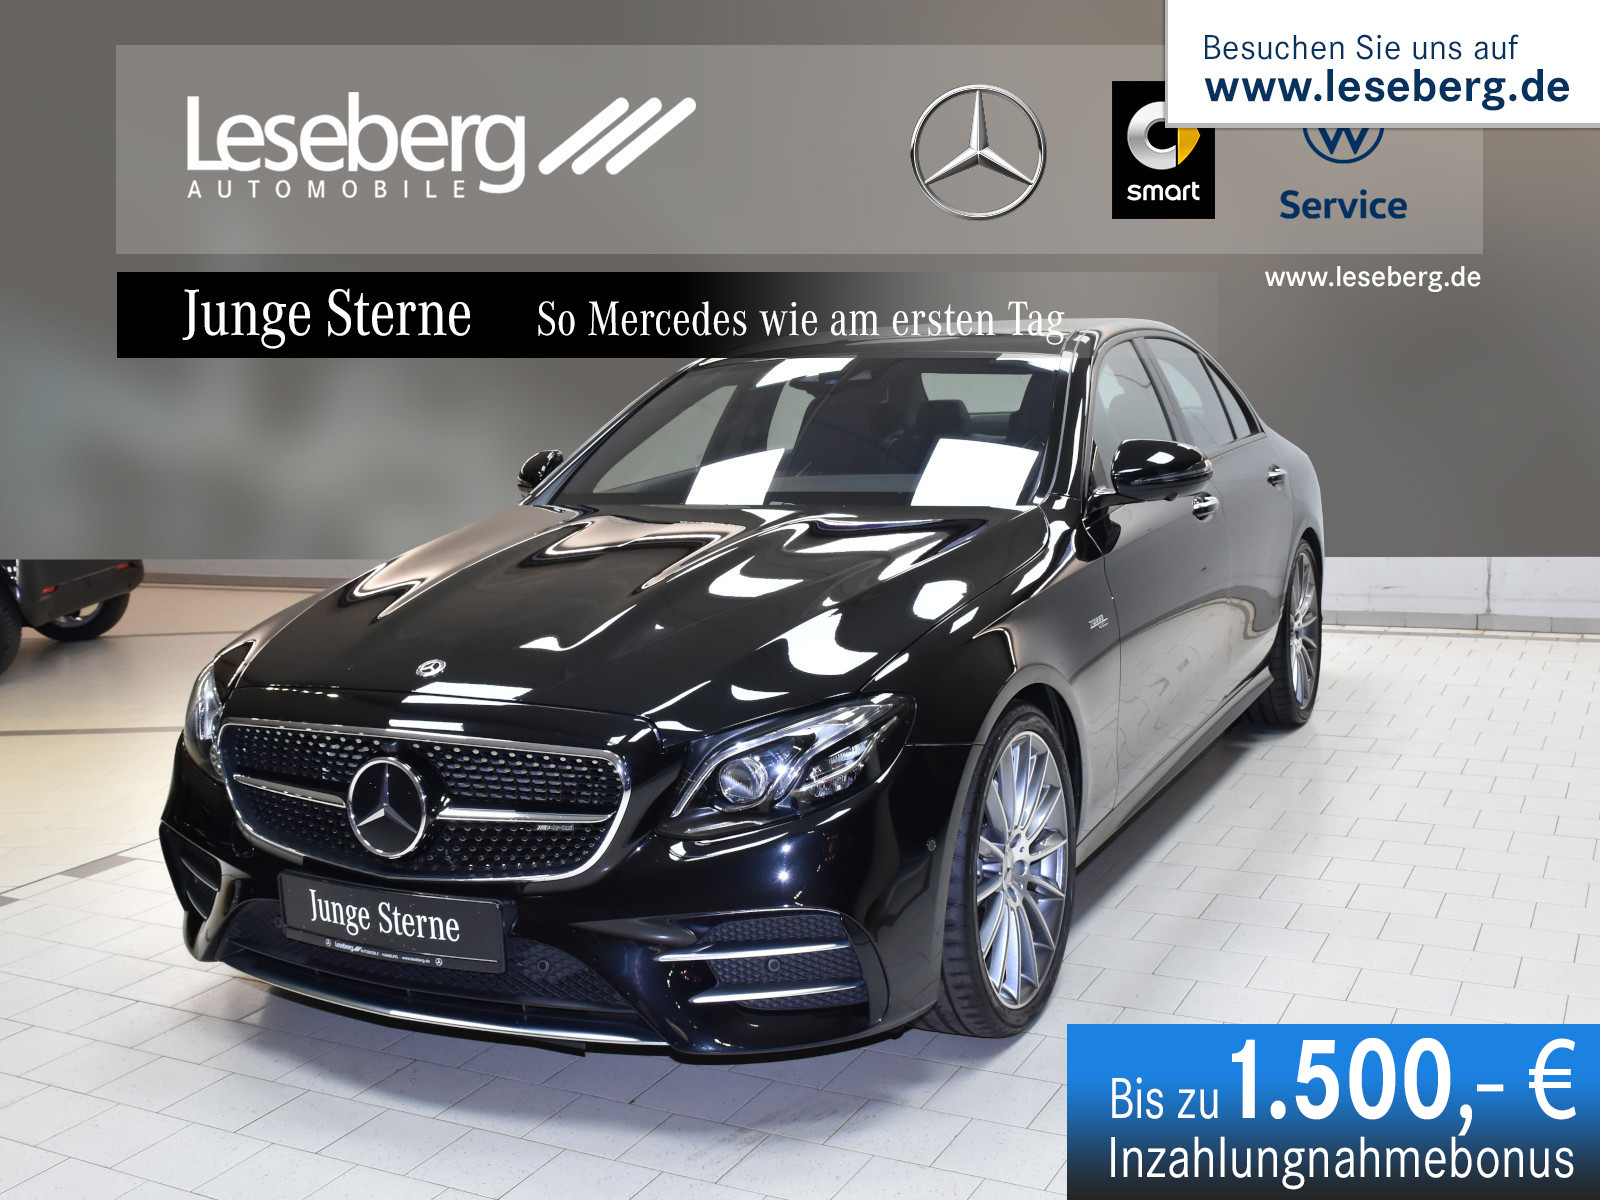 Mercedes-Benz Mercedes-AMG E 53 4MATIC+ Pano/Distr/360°/AHK, Jahr 2019, Benzin